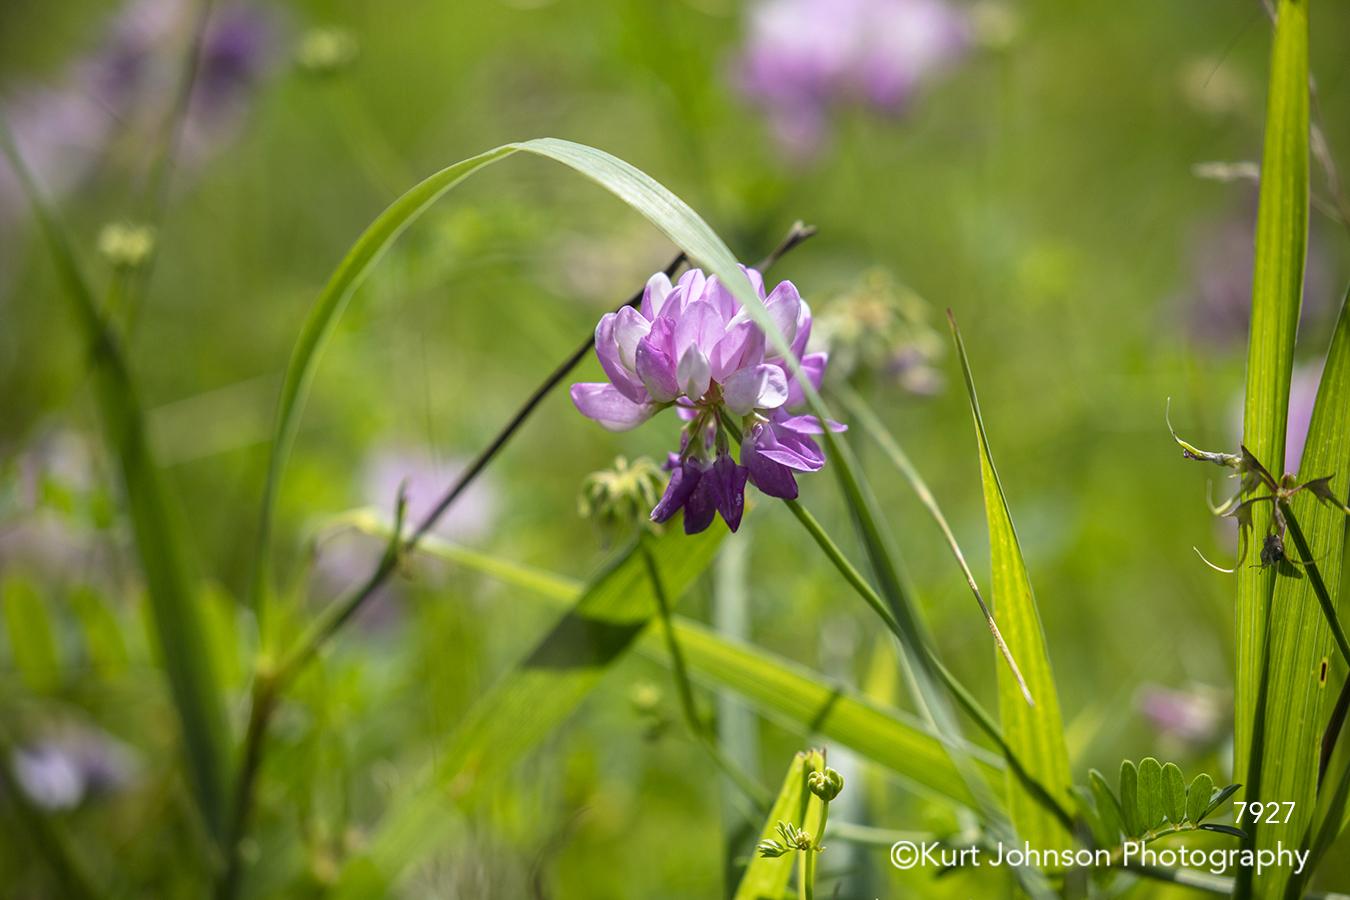 purple flower flowers green grass meadow field wildflower grasses